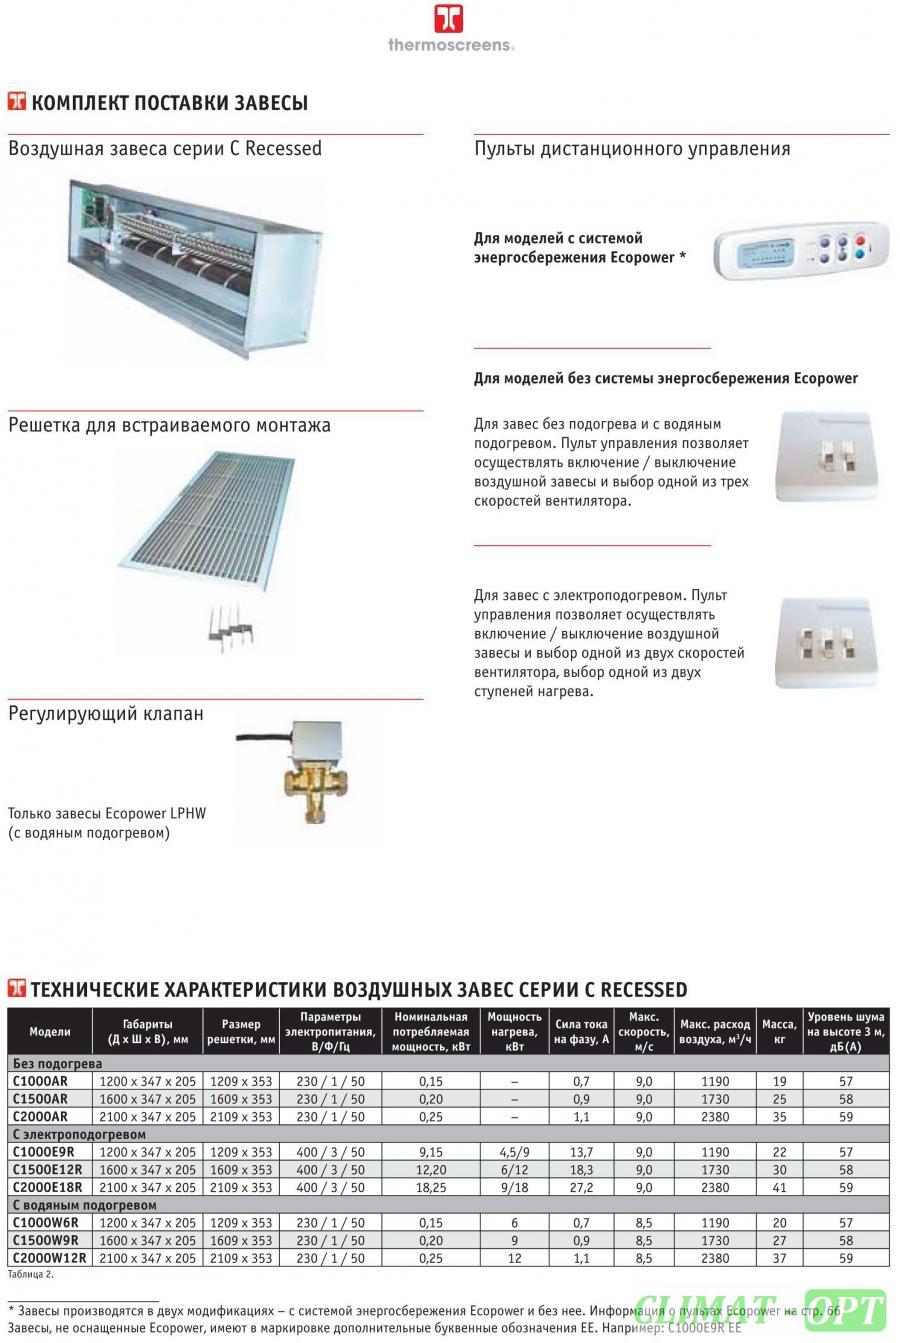 Тепловая завеса Thermoscreens серия C AR встраиваемого типа без подогрева